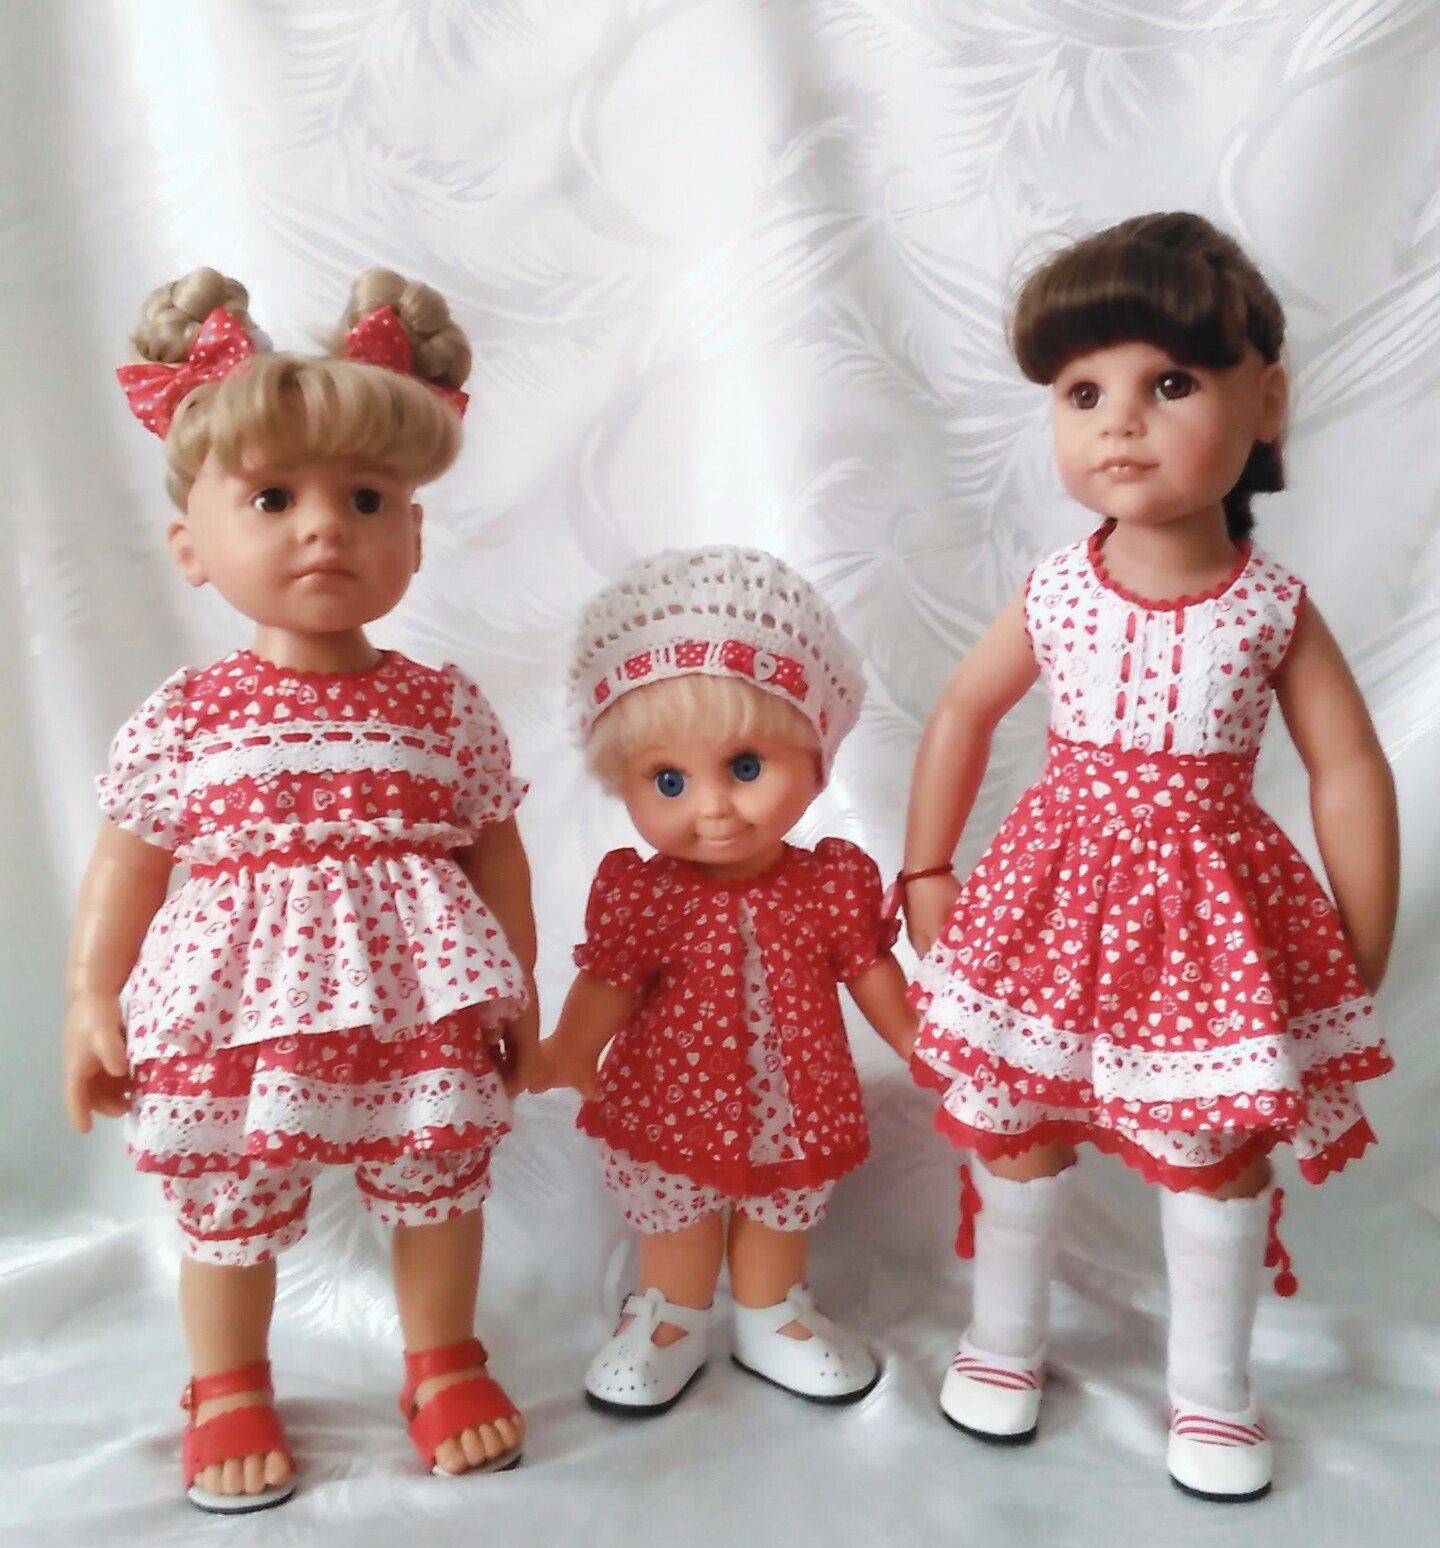 картинки несколько кукол как паспортных фото